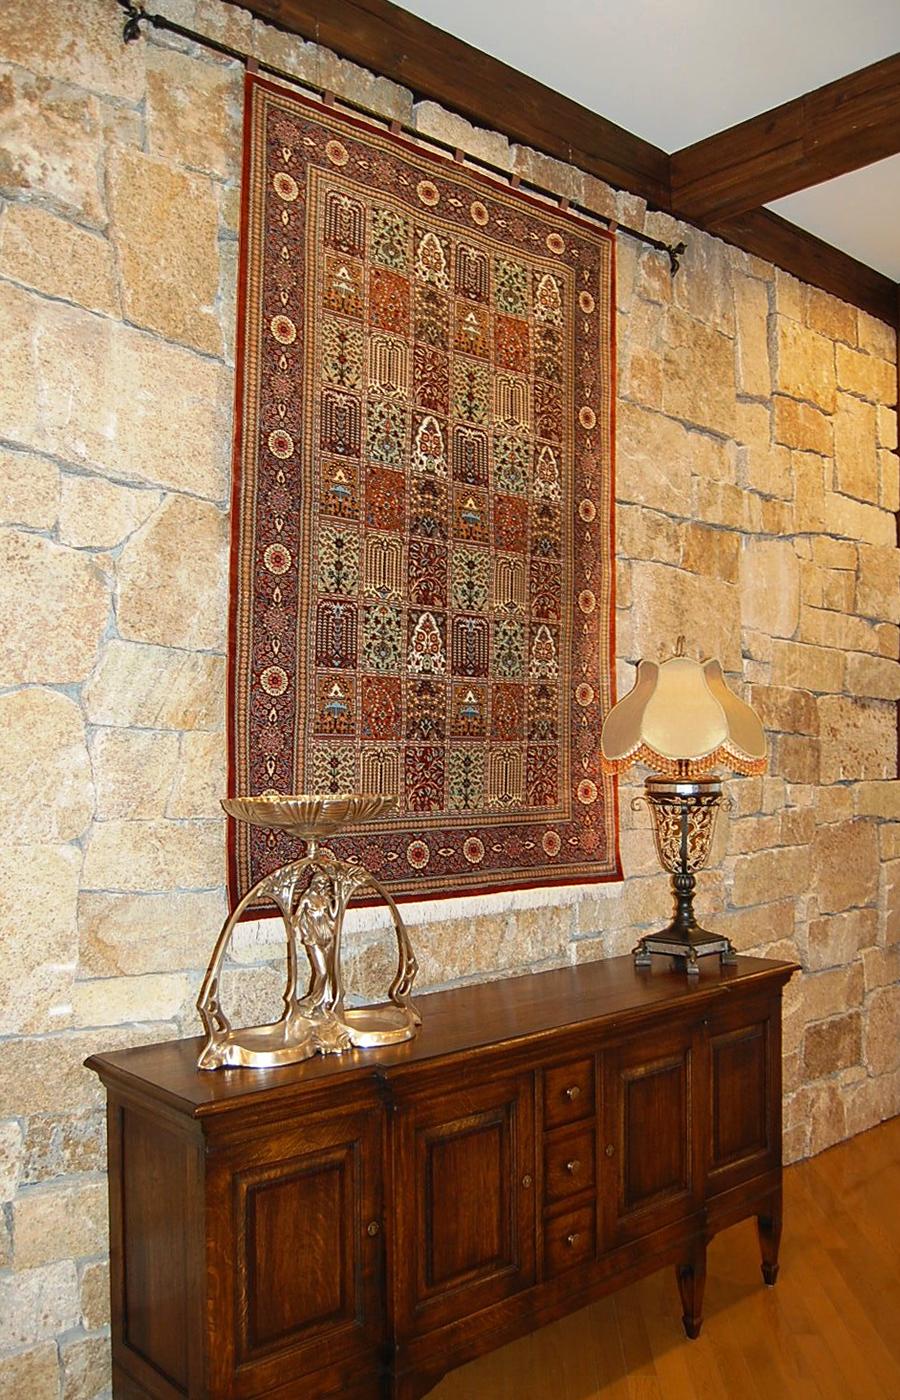 シルク絨毯とサイドボード